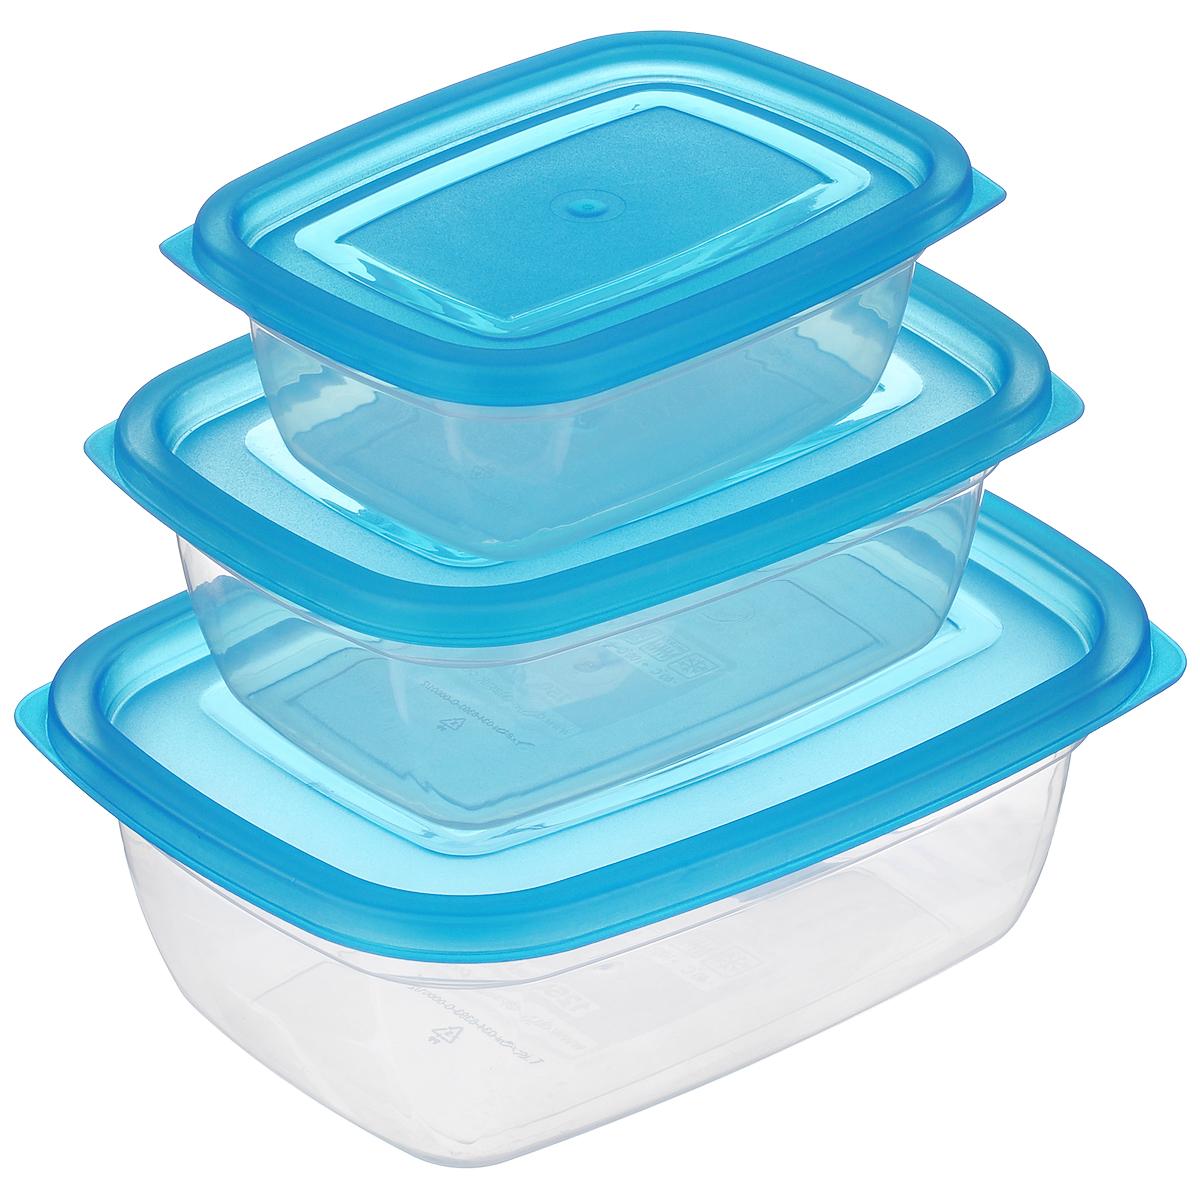 """Набор прямоугольных контейнеров """"Dunya Plastik"""", цвет: прозрачный, синий, 3 шт. 30090"""